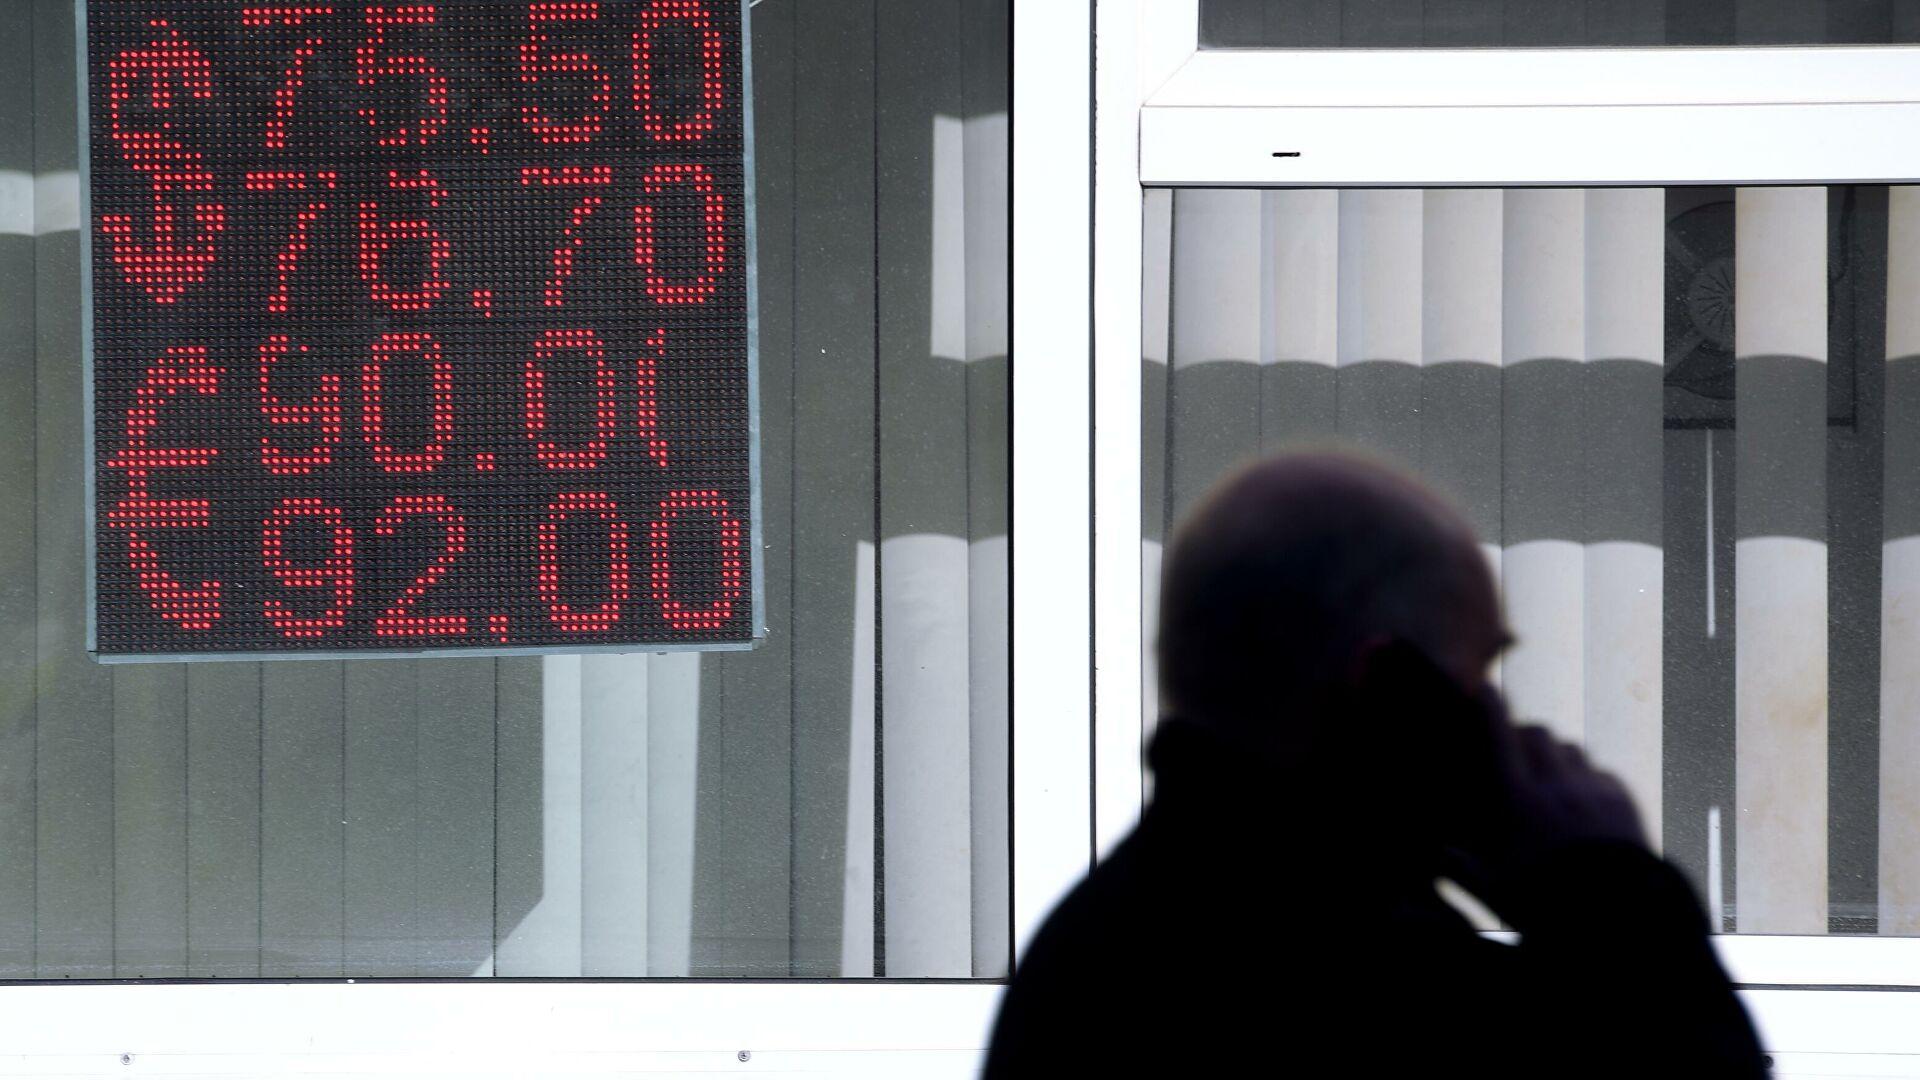 Долговая нагрузка россиян обновила исторический максимум